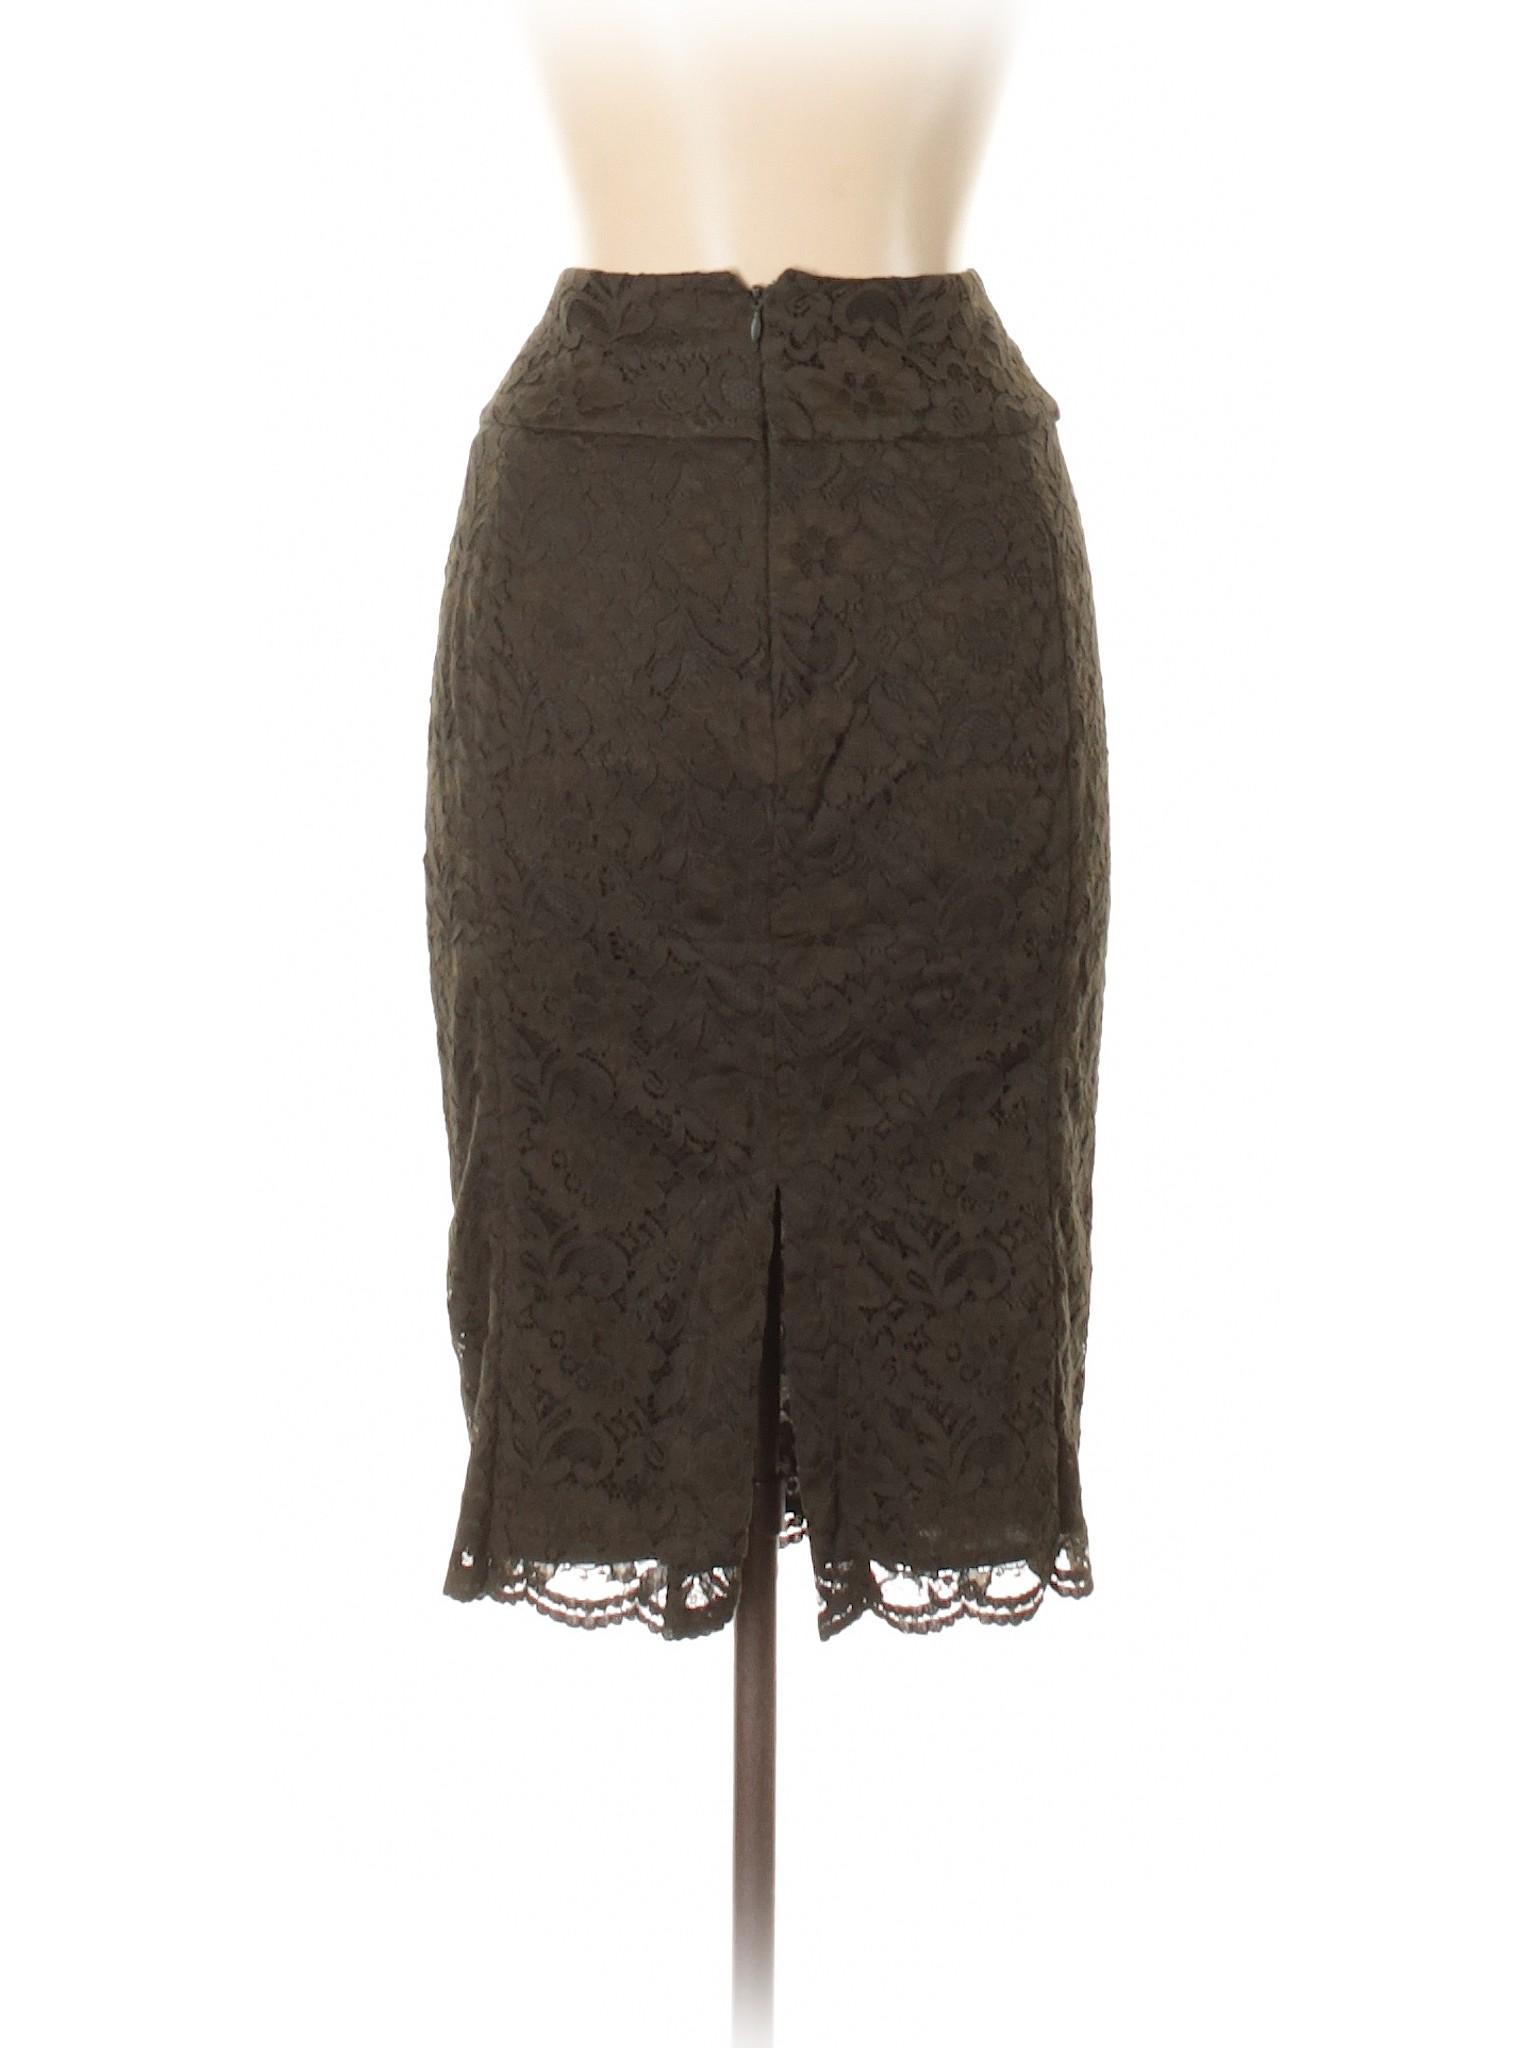 Casual Boutique Boutique Express Boutique Casual Skirt Express Casual Skirt Express Express Skirt Boutique ZOwYrPZ